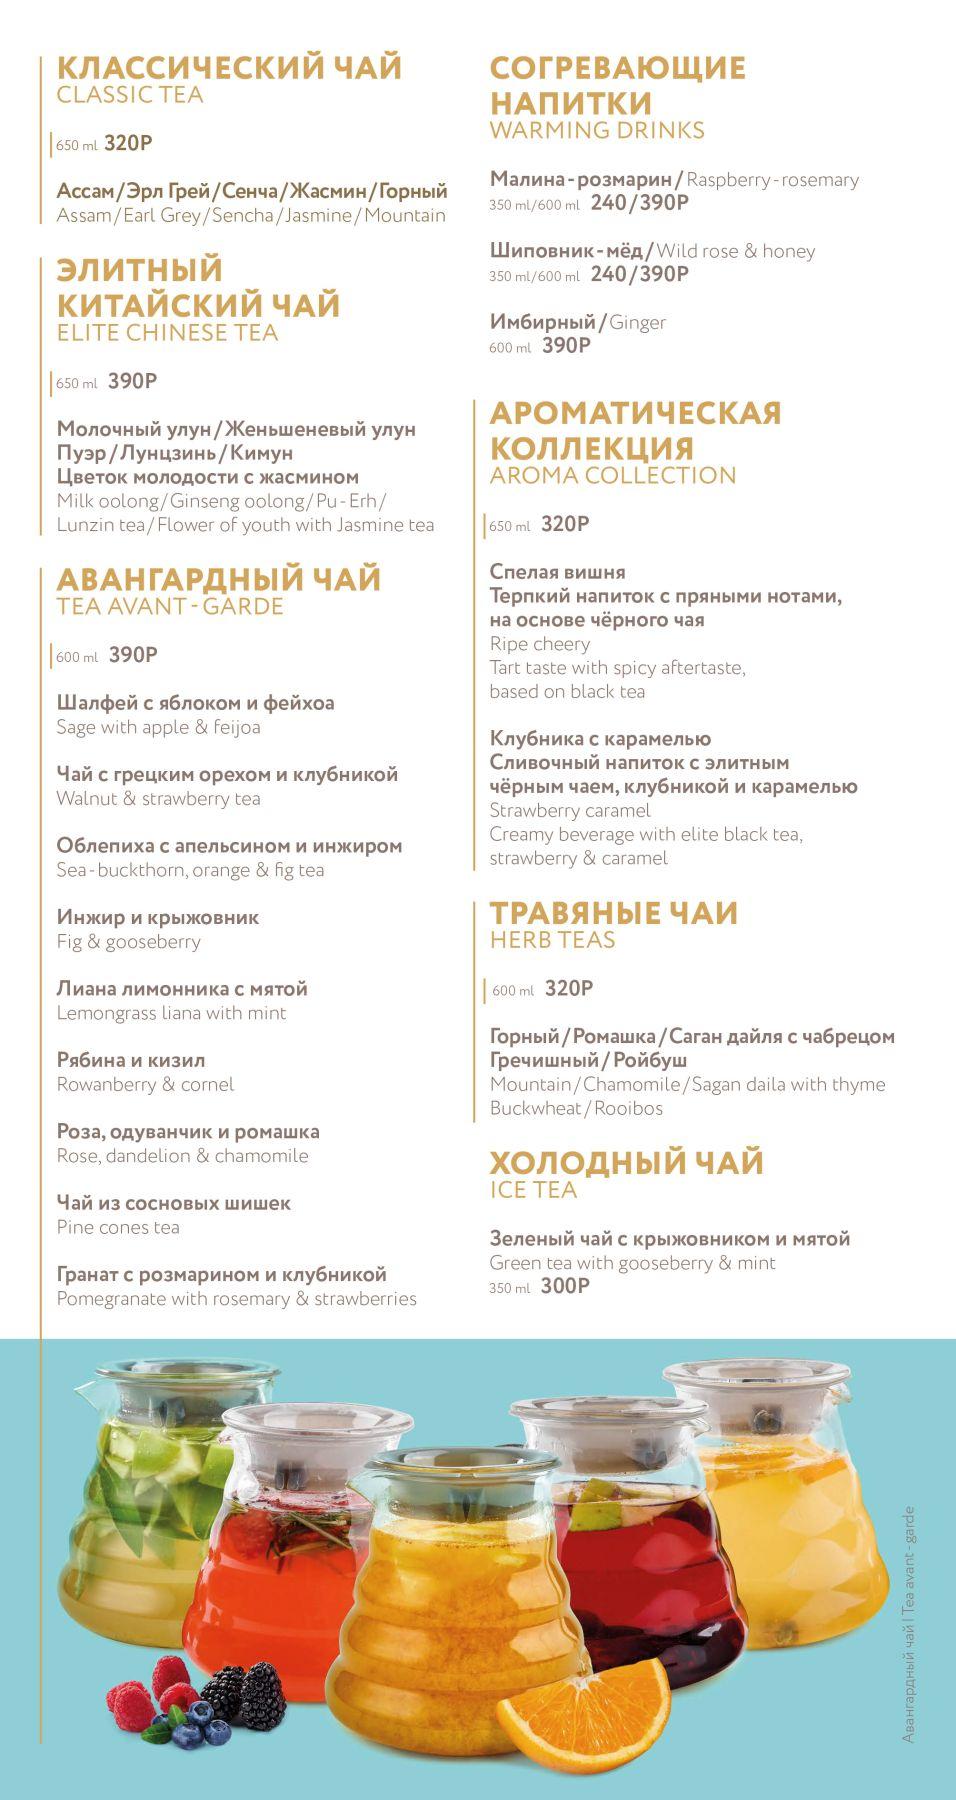 Beverage menu: 3